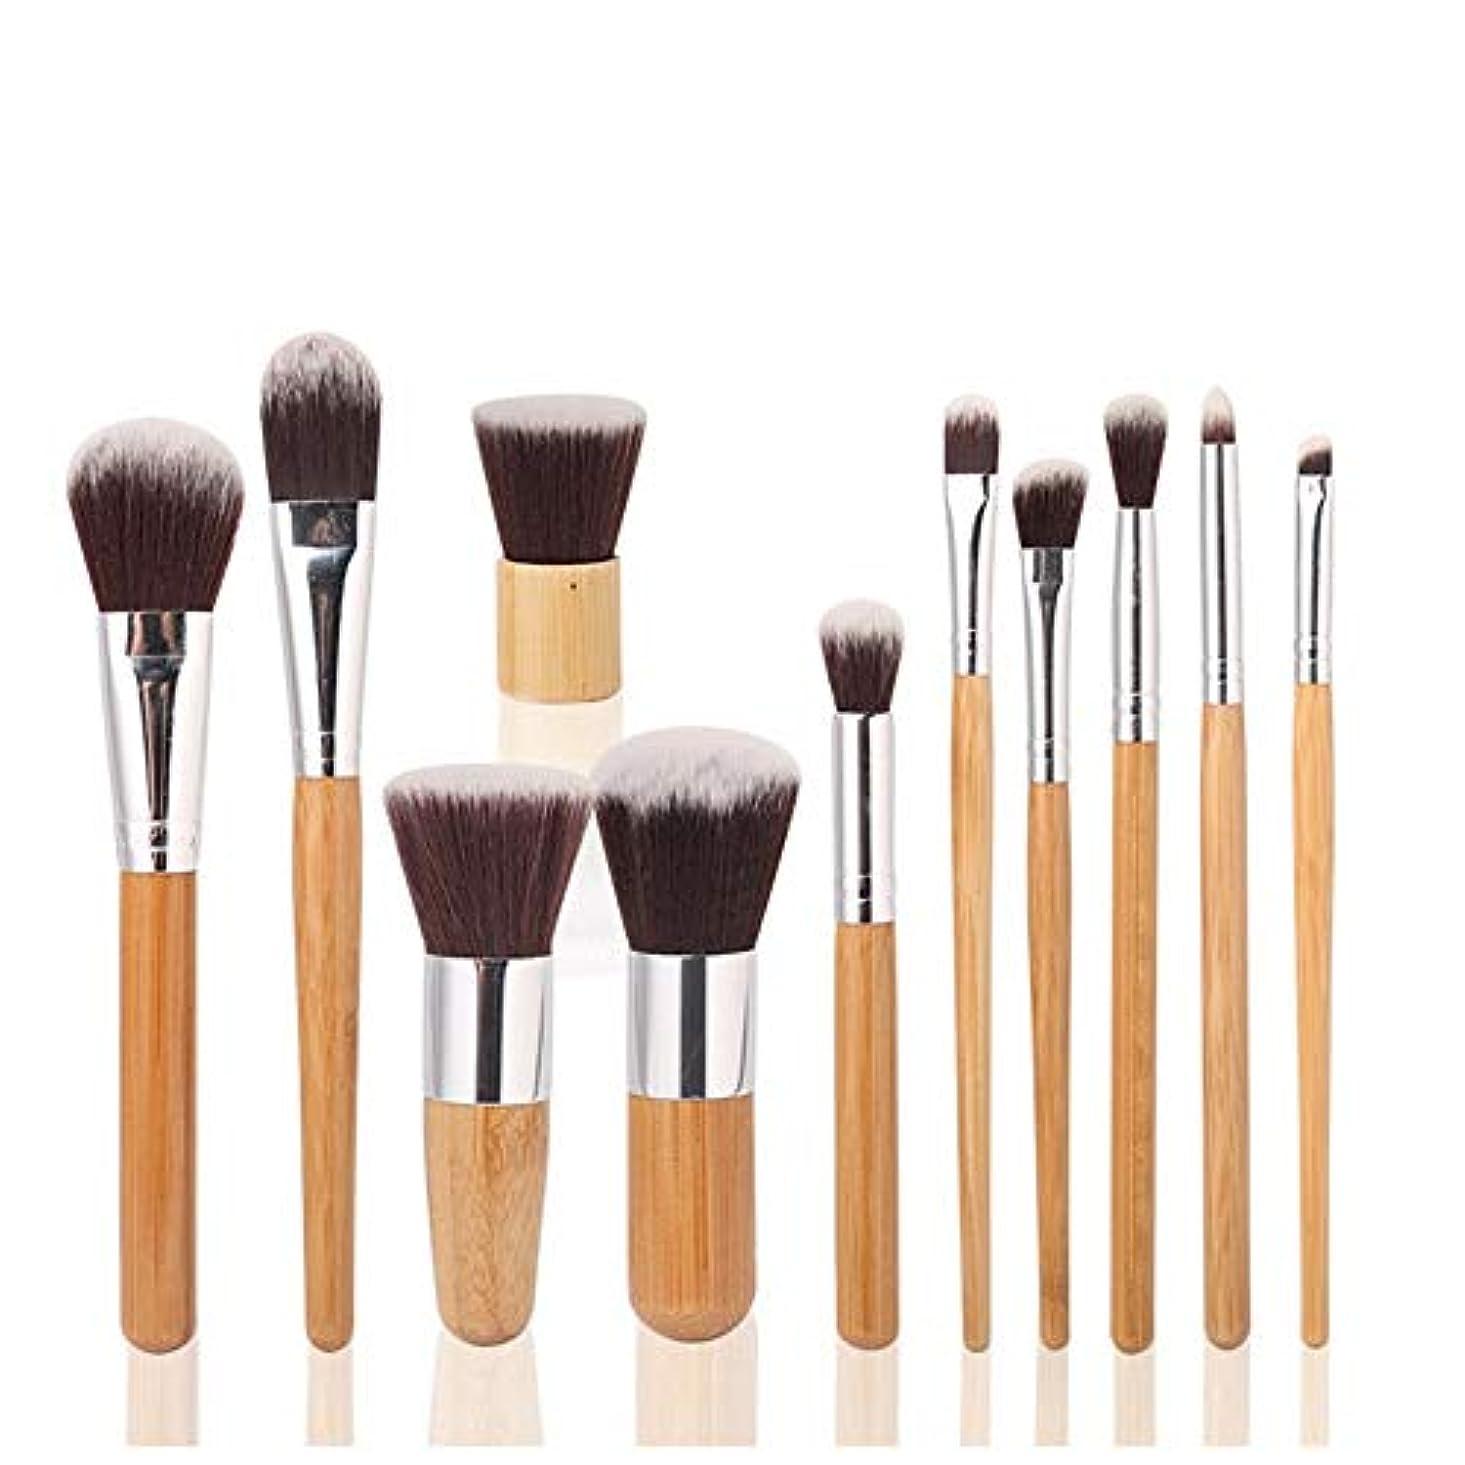 サロンコイン艦隊Makeup brushes 11竹ハンドル化粧ブラシツールポータブルセットコンシーラー美容化粧放電組み合わせリネンバッグを送信 suits (Color : Clear)